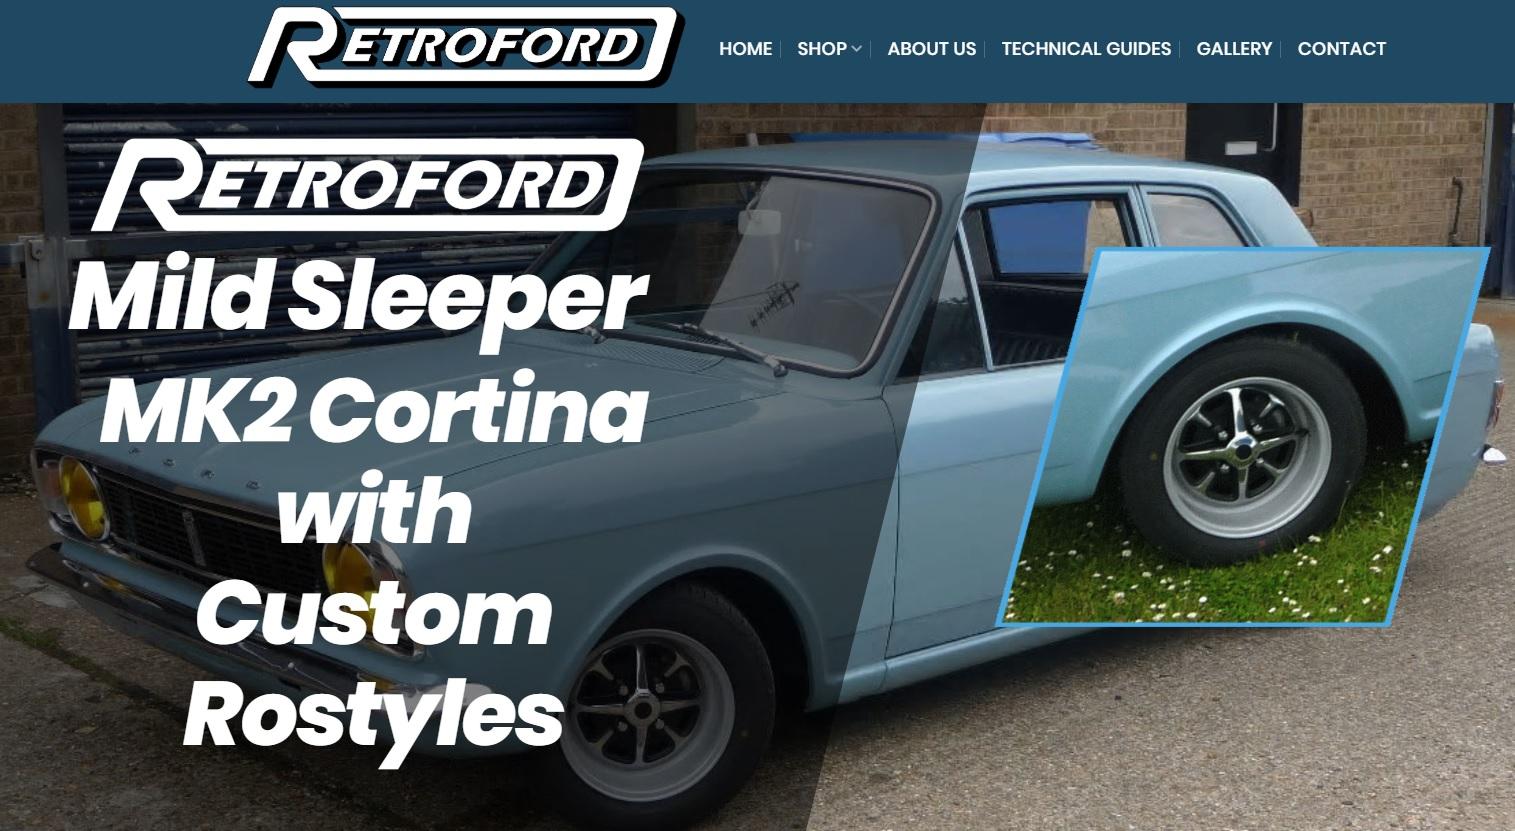 RETROFORD(レトロフォード)はフォードのコルチナ、Duratec(デュラテック)エンジン、Zetec(ゼテック)エンジンなど、旧車用の新品パーツ、日本国内で入手困難な部品を販売するショップです。イギリスの代行サービスはEG代行で